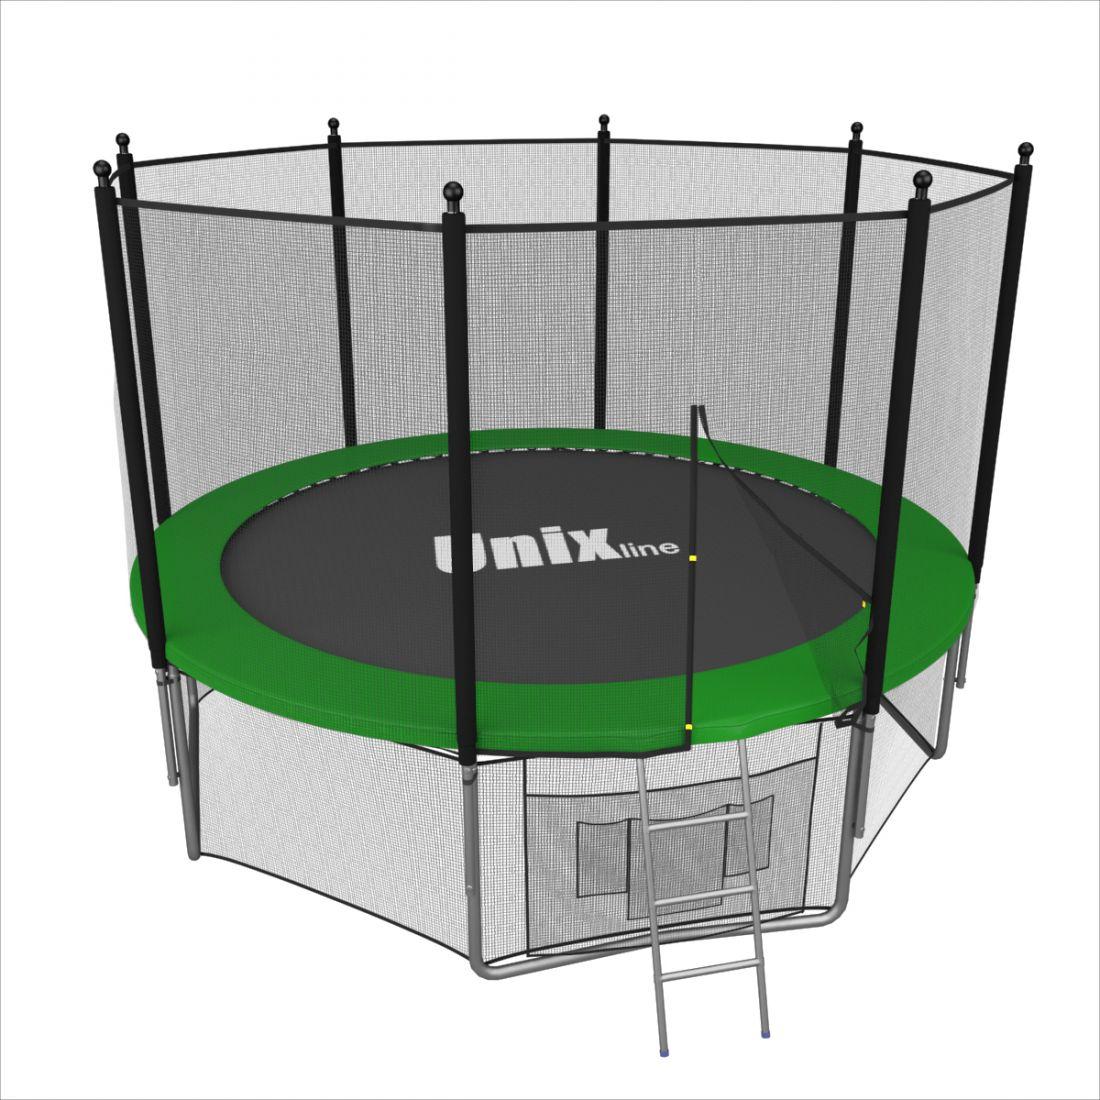 Батут с внешней защитной сеткой - Unix Line 8FT (2,44м), цвет зеленый